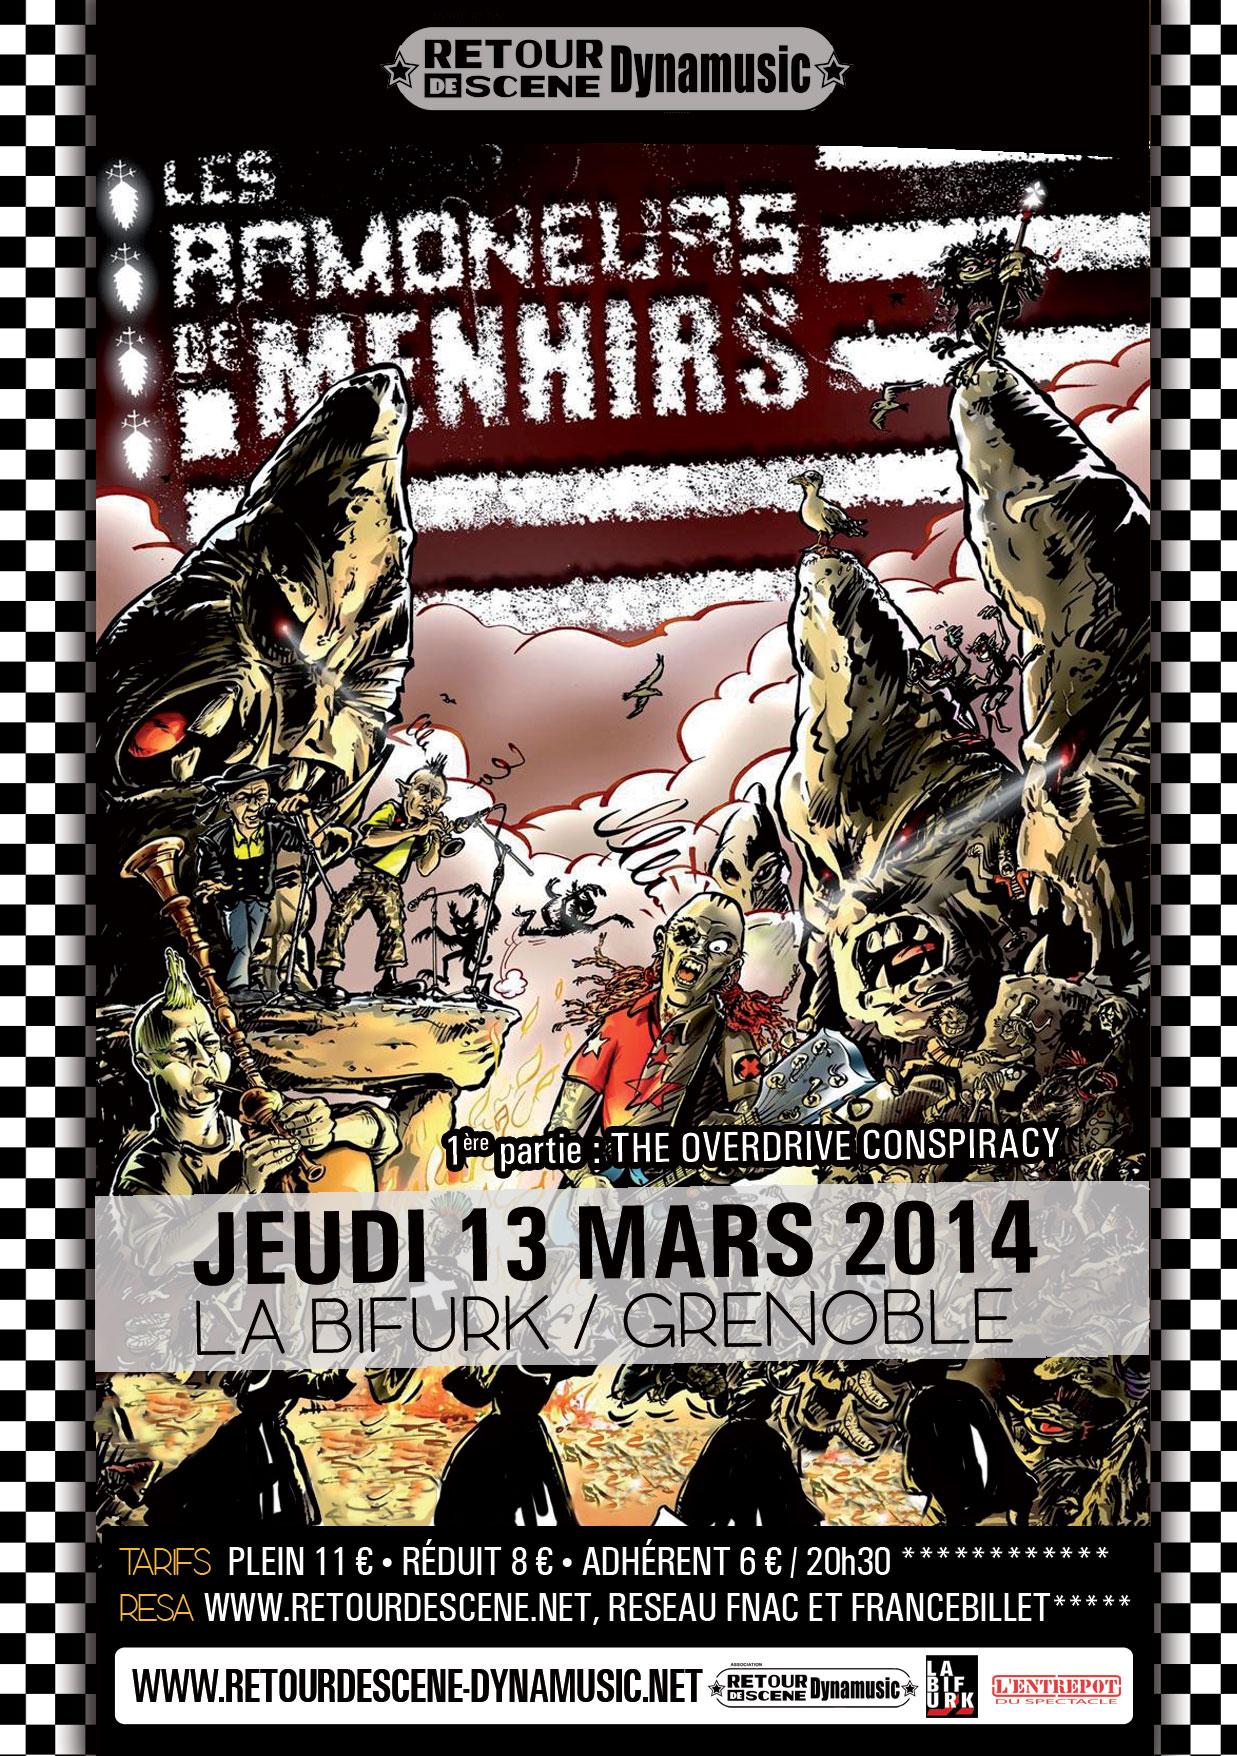 Armoneurs de Menhirs - La Bifurk - 13/03/2014